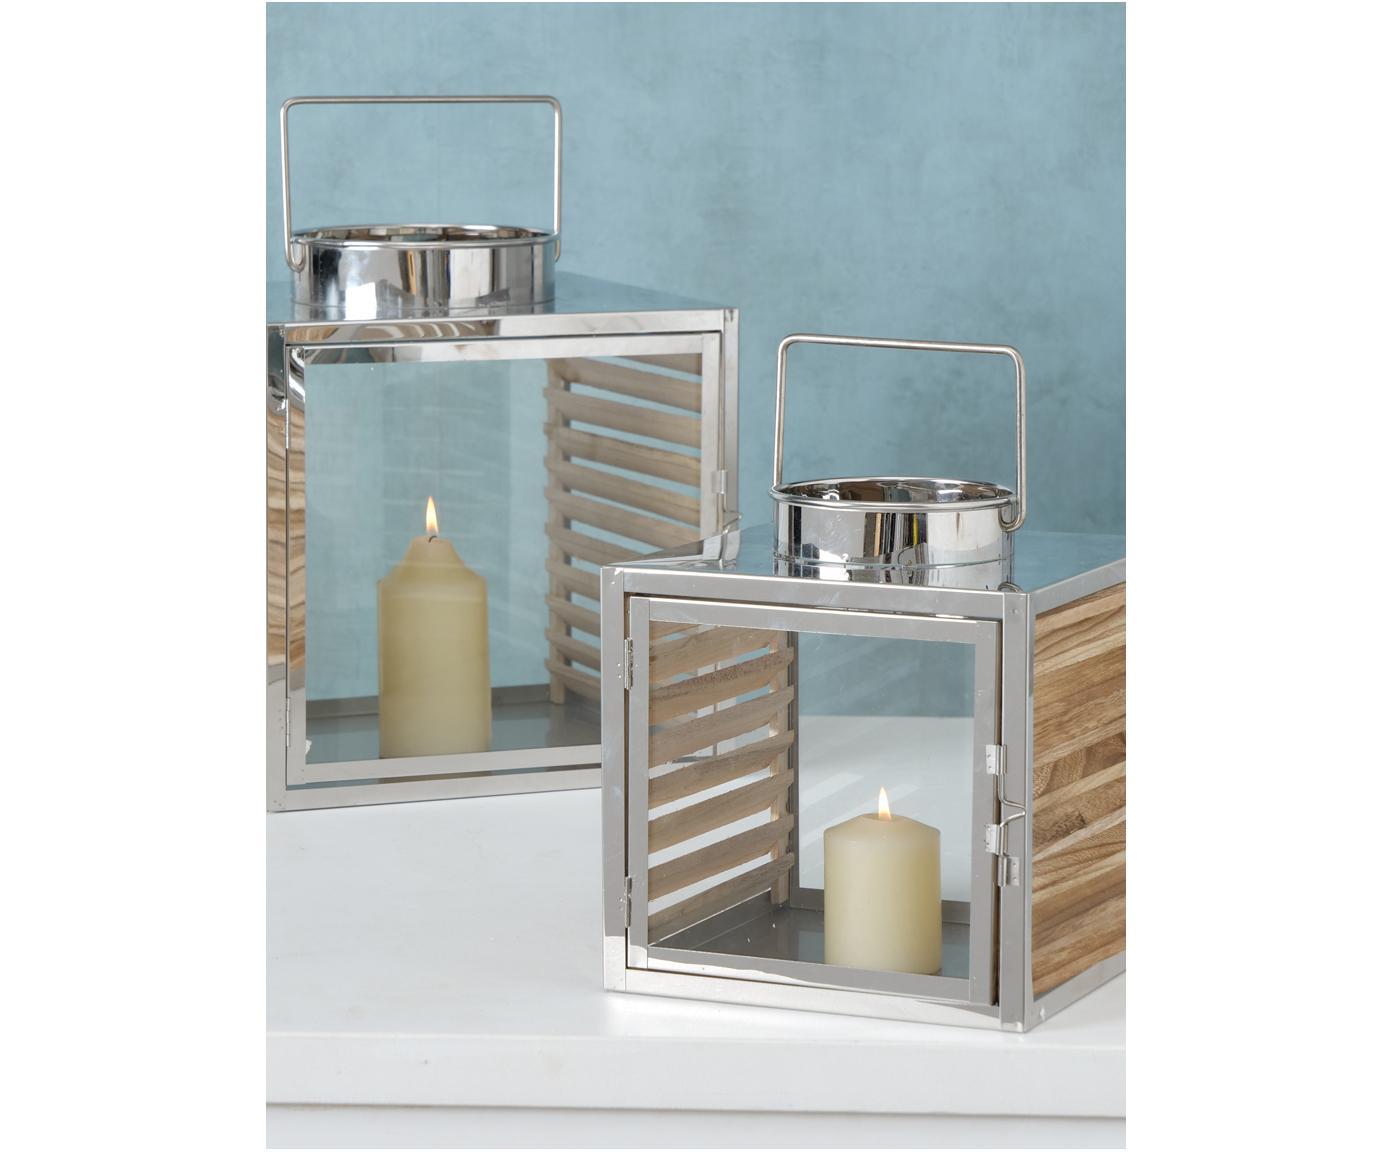 Set de farolillos Malmok, 2pzas., Acero inoxidable, madera, vidrio, Plateado, Tamaños diferentes